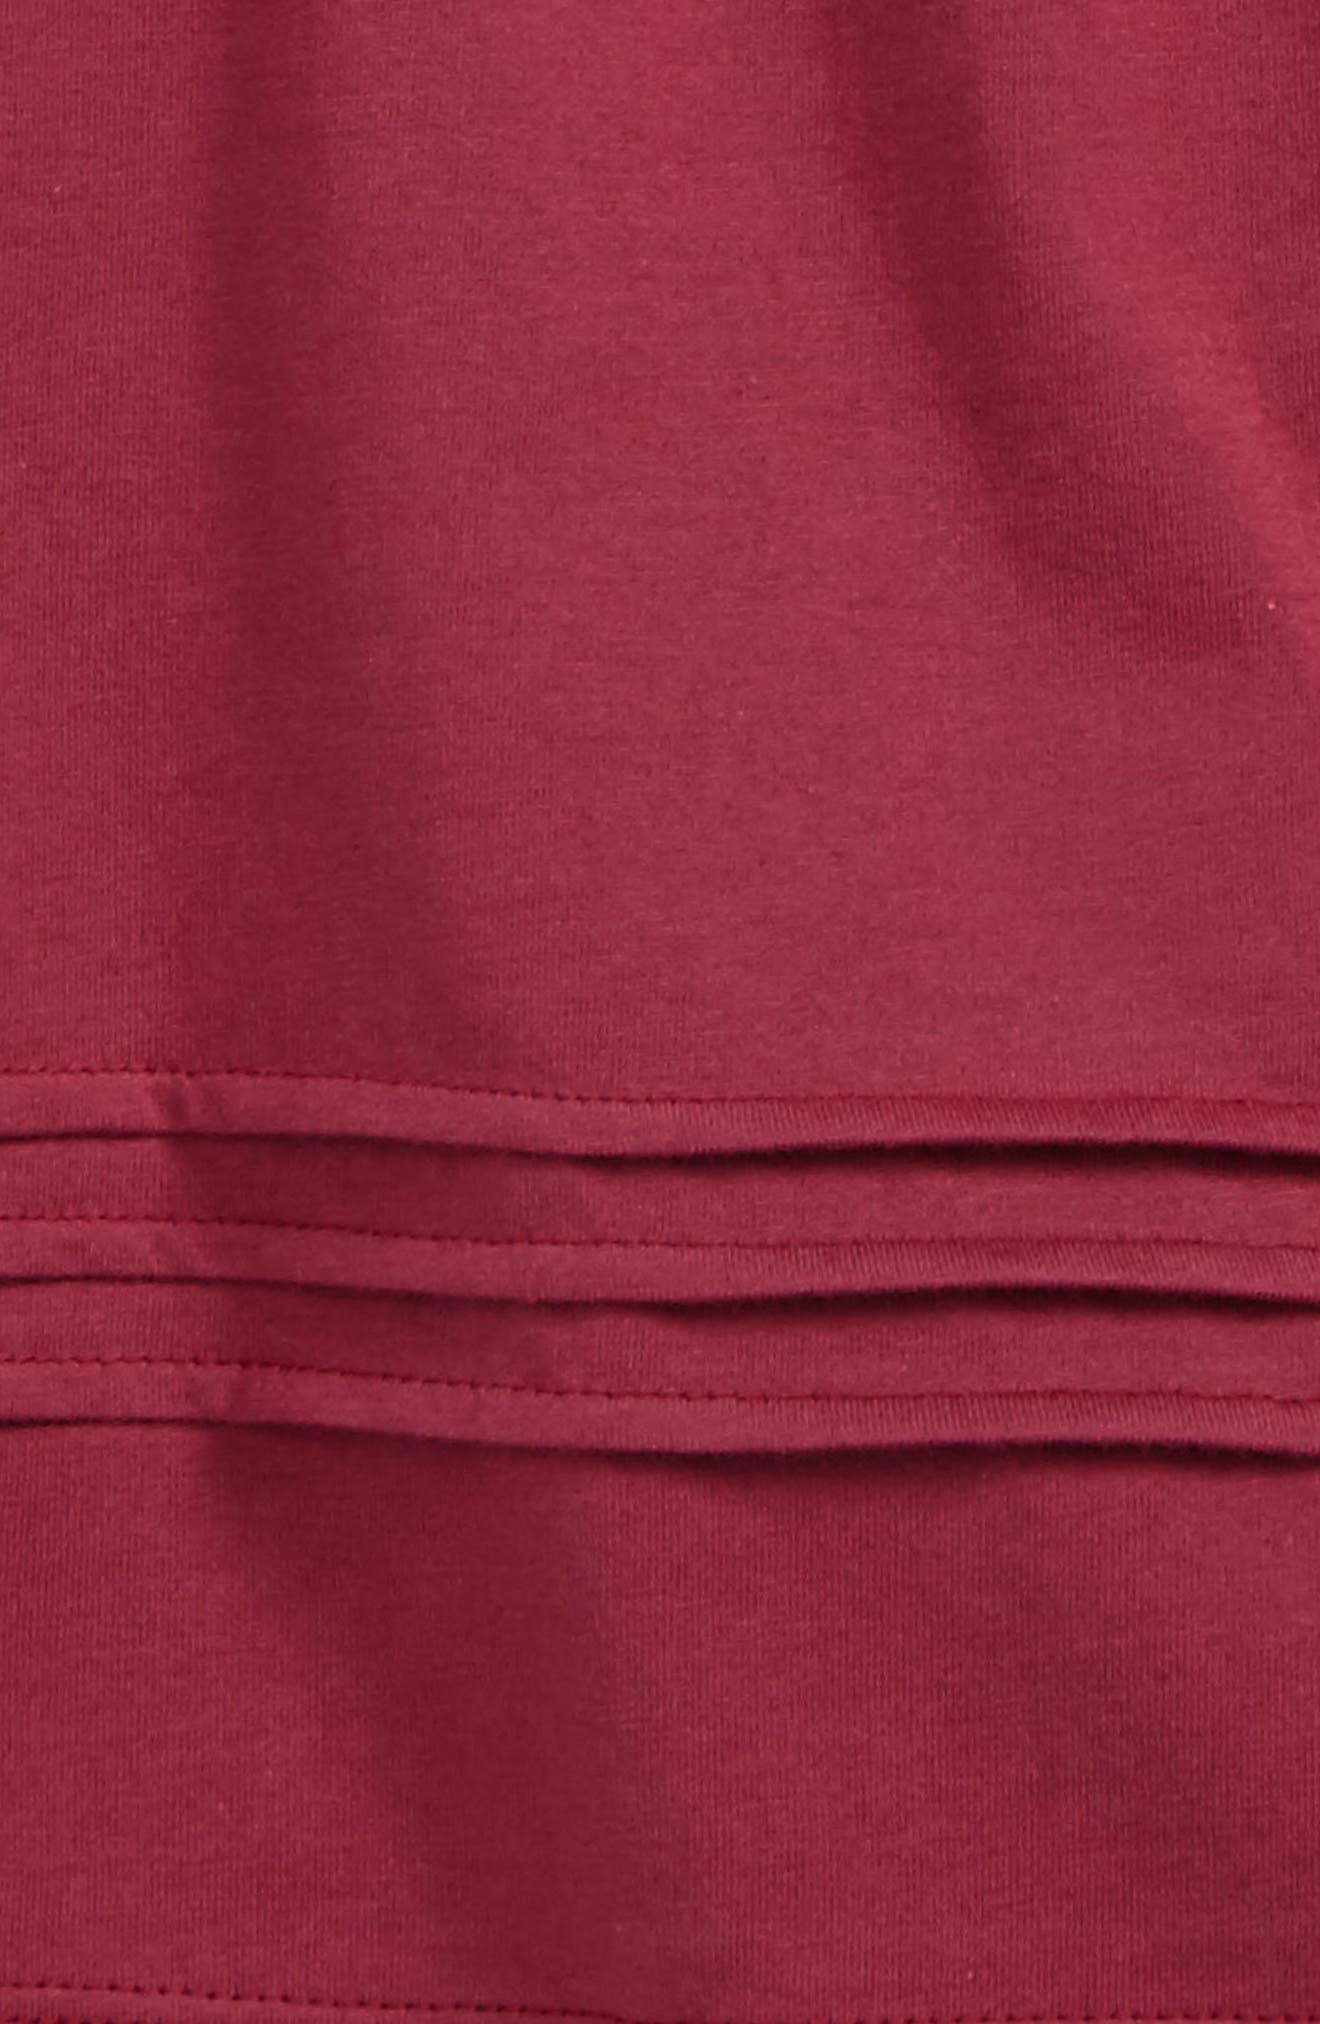 Gisselle Pleated Cuff Sleeve Tee,                             Alternate thumbnail 2, color,                             656